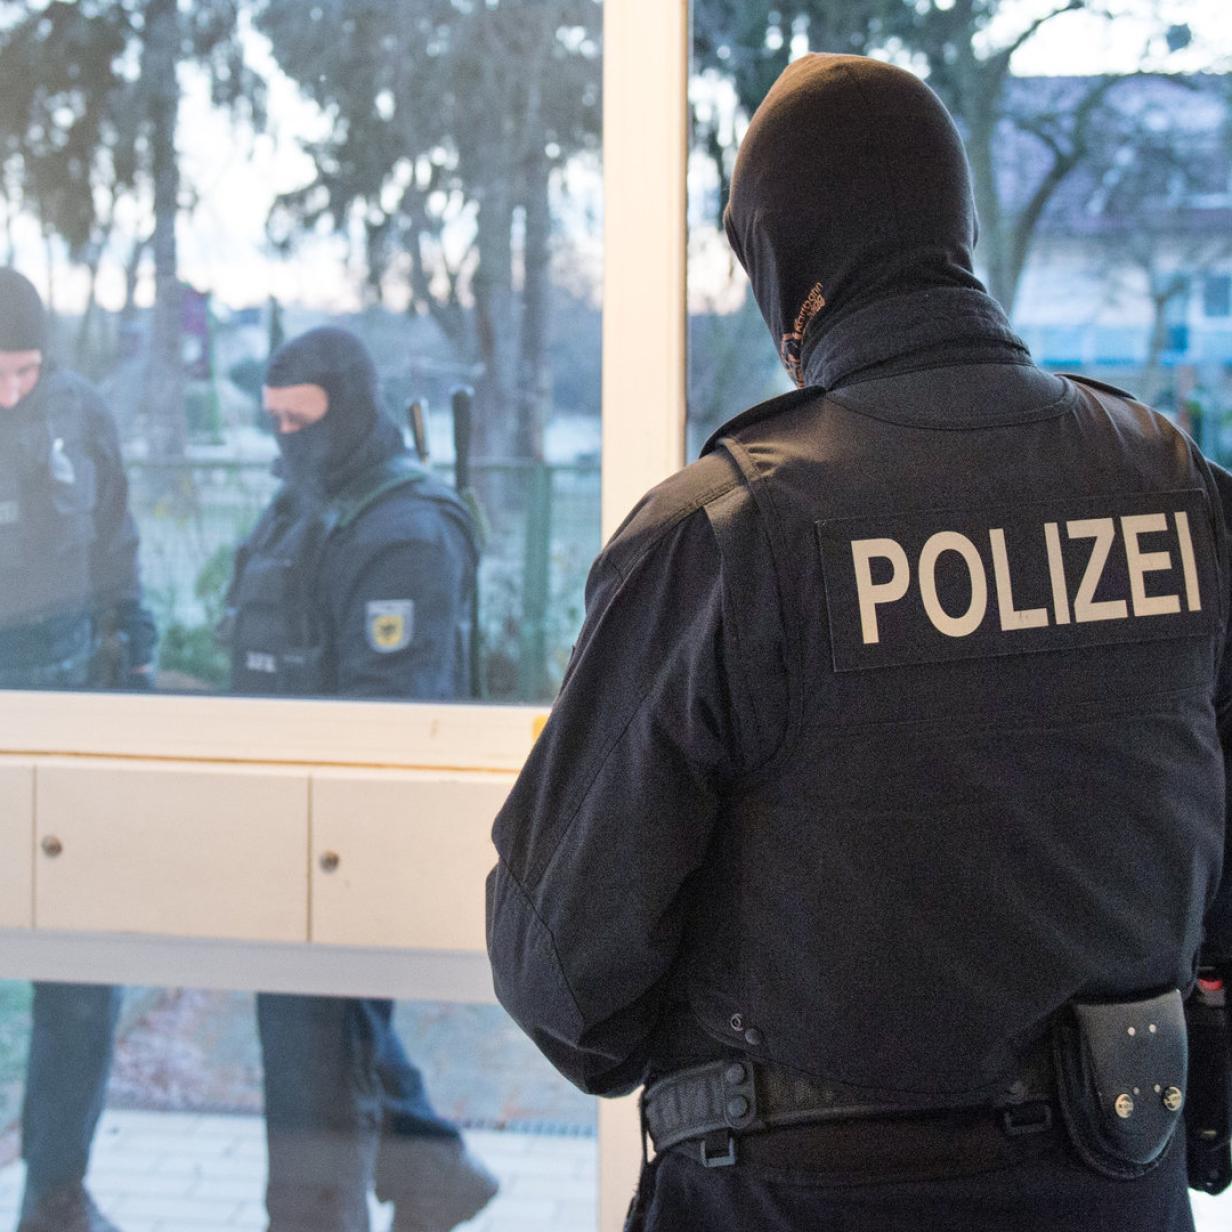 Islamistischer Terrorverdacht: Razzien in Nordrhein-Westfalen